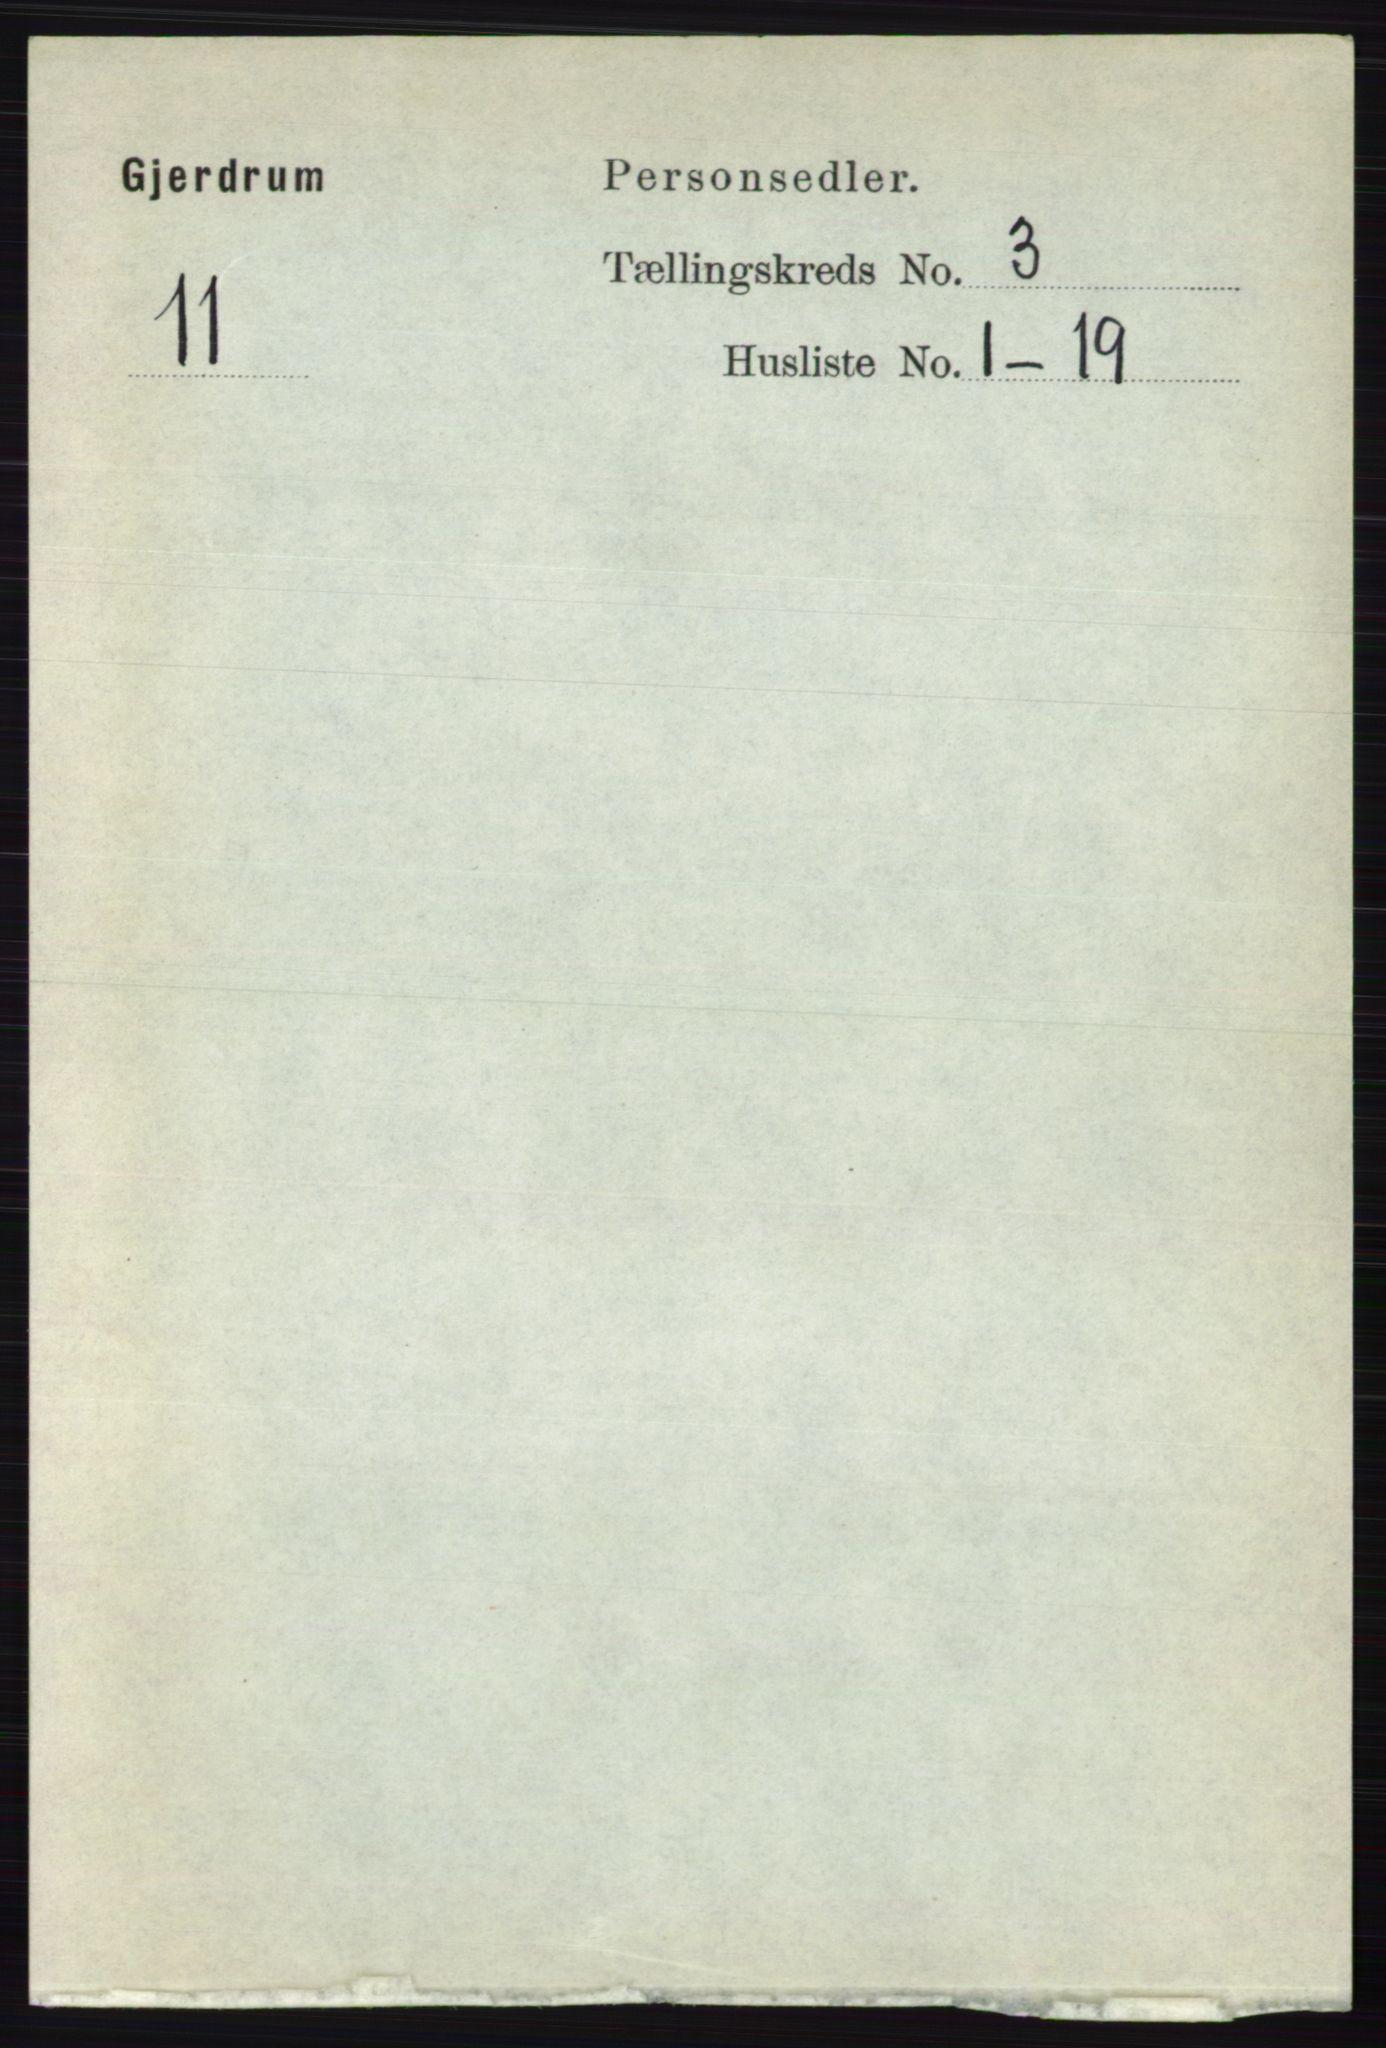 RA, Folketelling 1891 for 0234 Gjerdrum herred, 1891, s. 1251